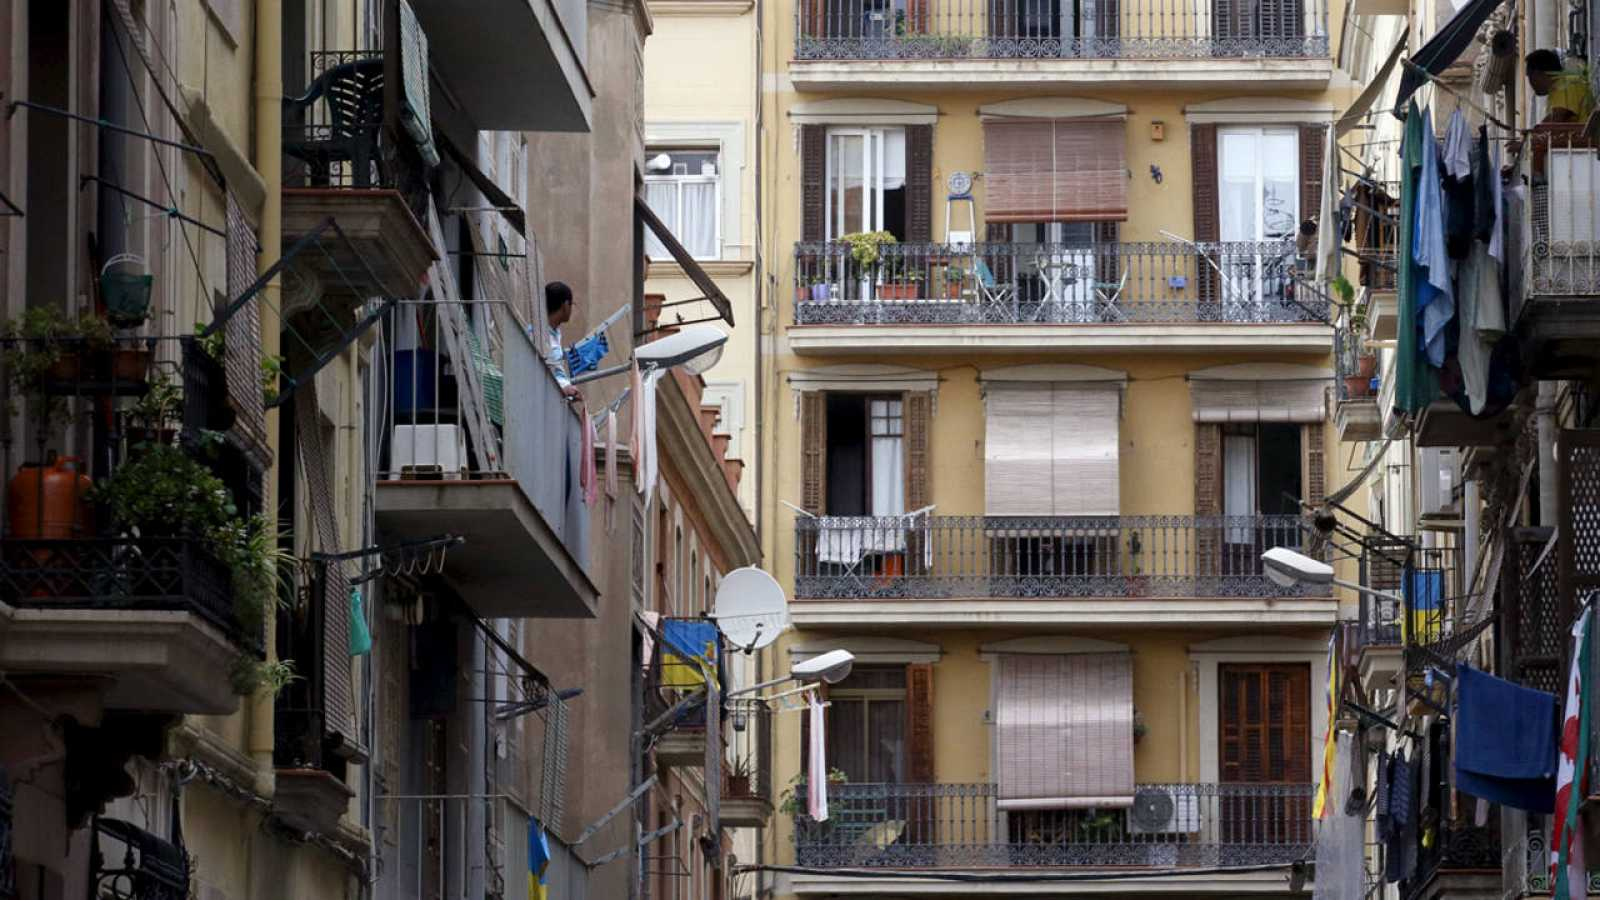 Edificios del barrio de la Barceloneta en Barcelona